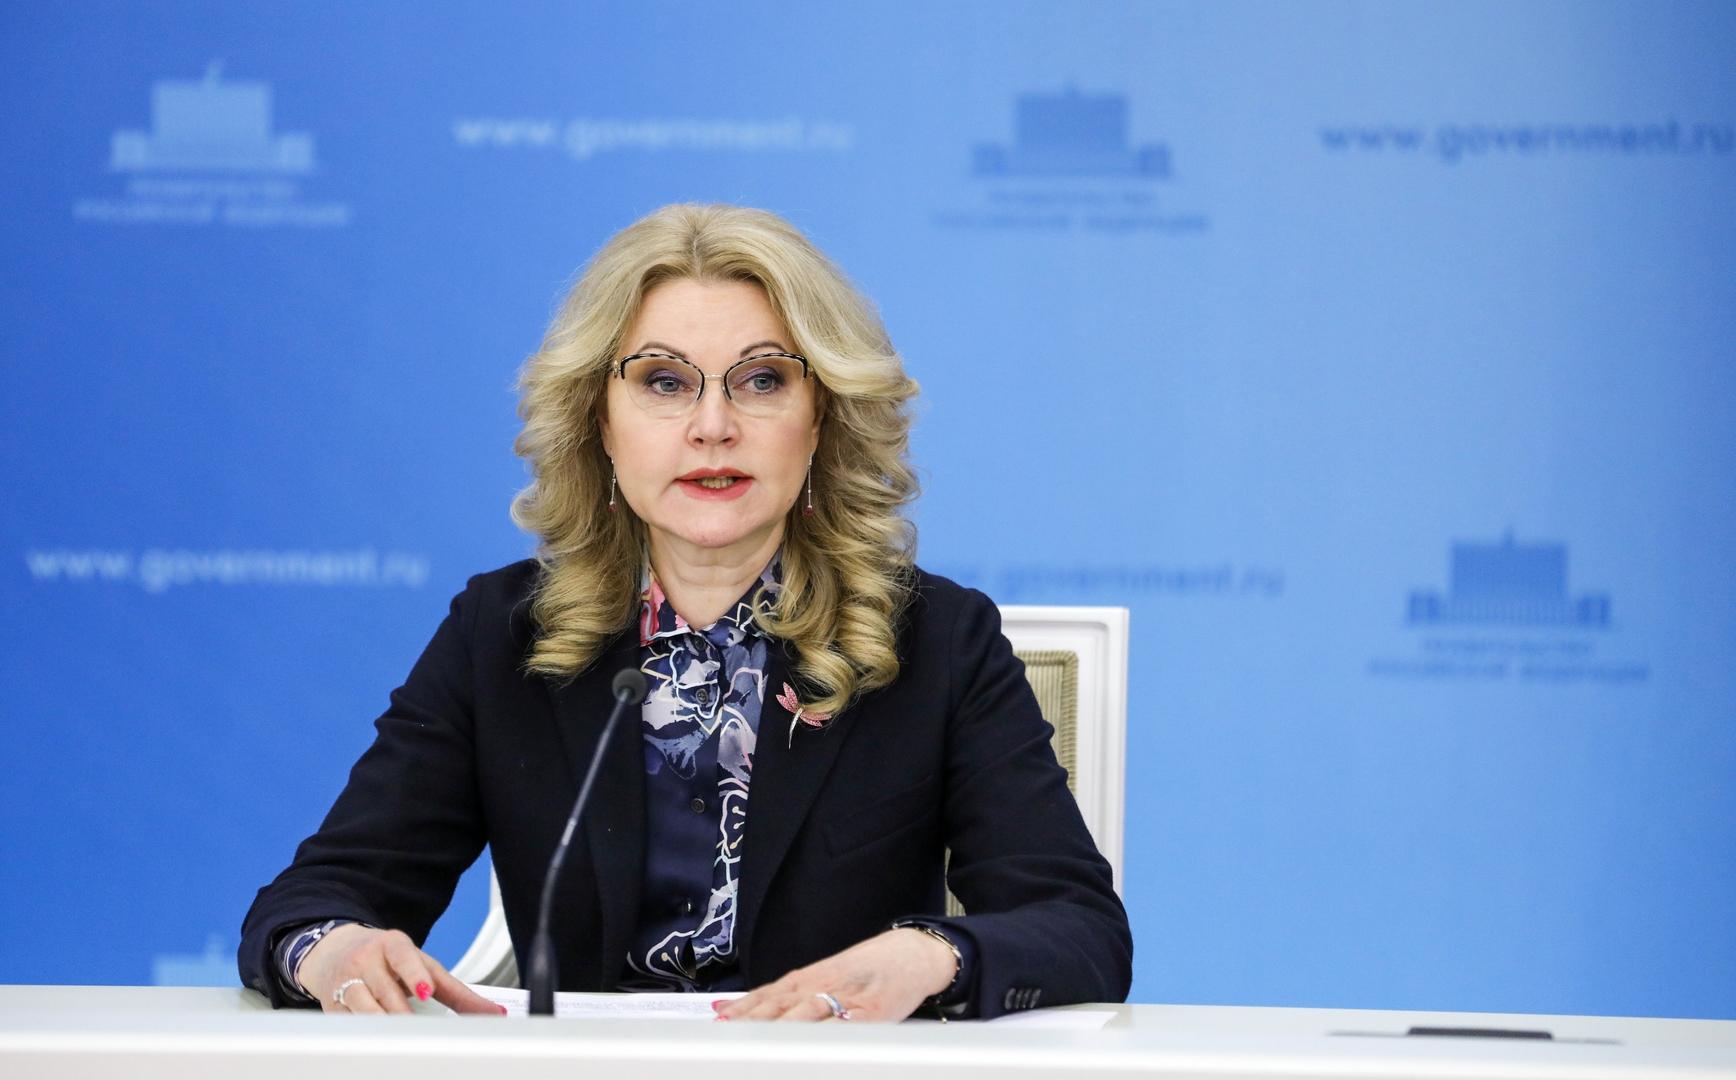 تاتيانا غوليكوفا، نائب رئيس الوزراء الروسي